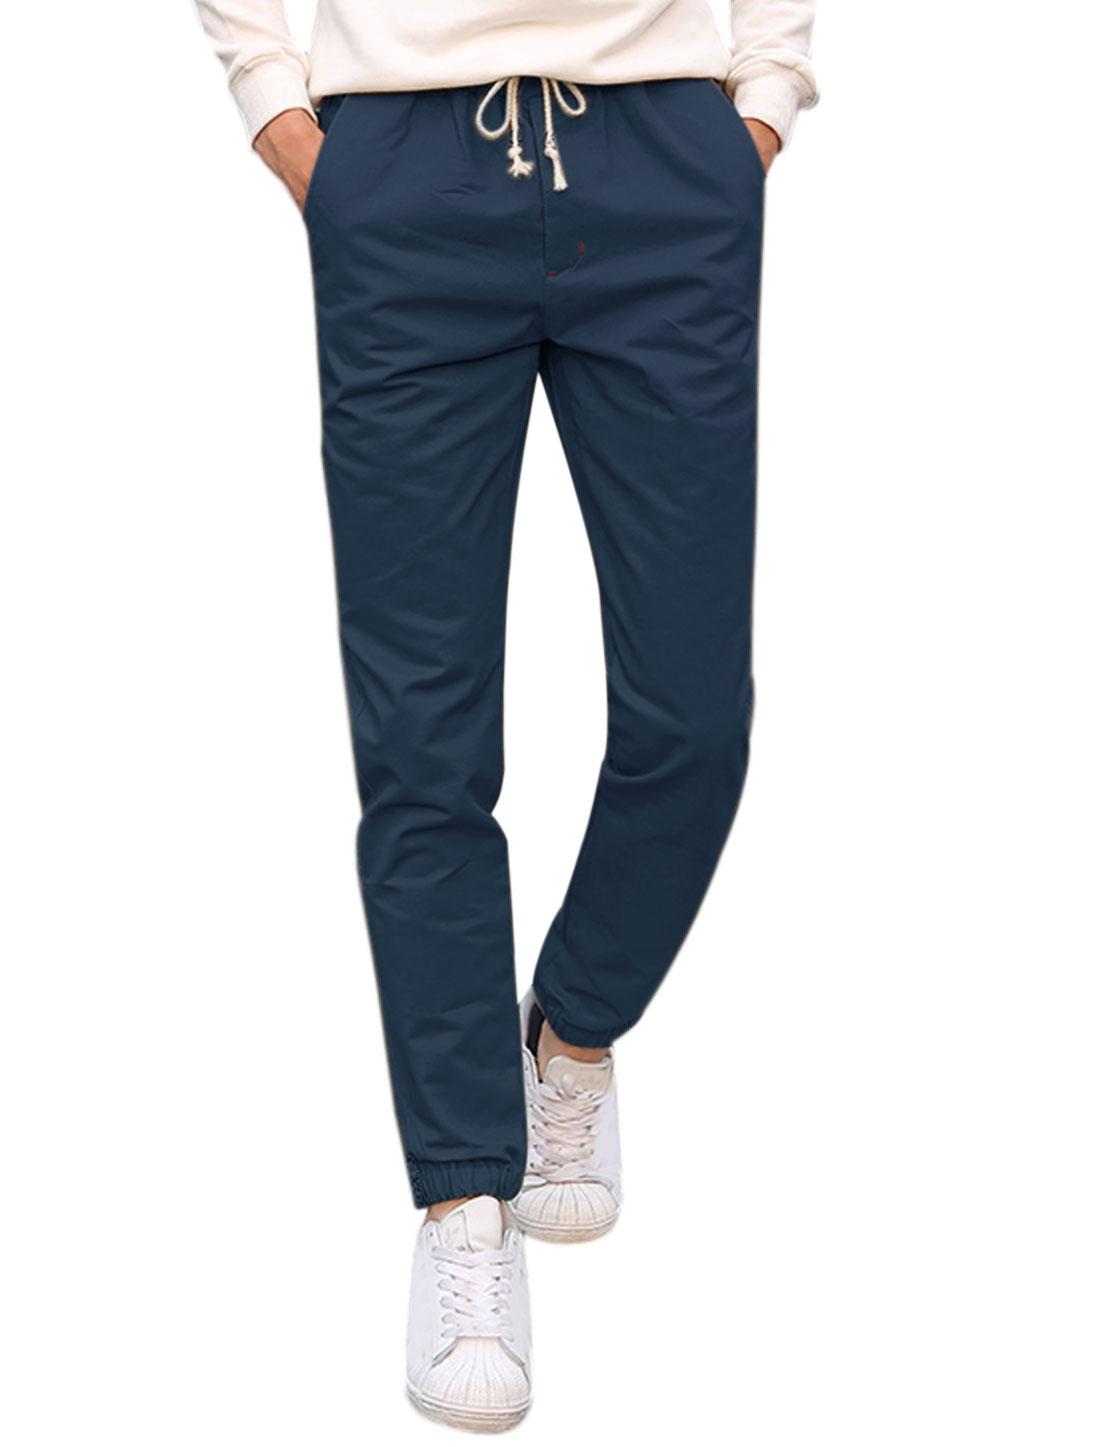 Man Side Pockets Slim Fit Straight Leg Elastic Drawstring Pants Blue W32